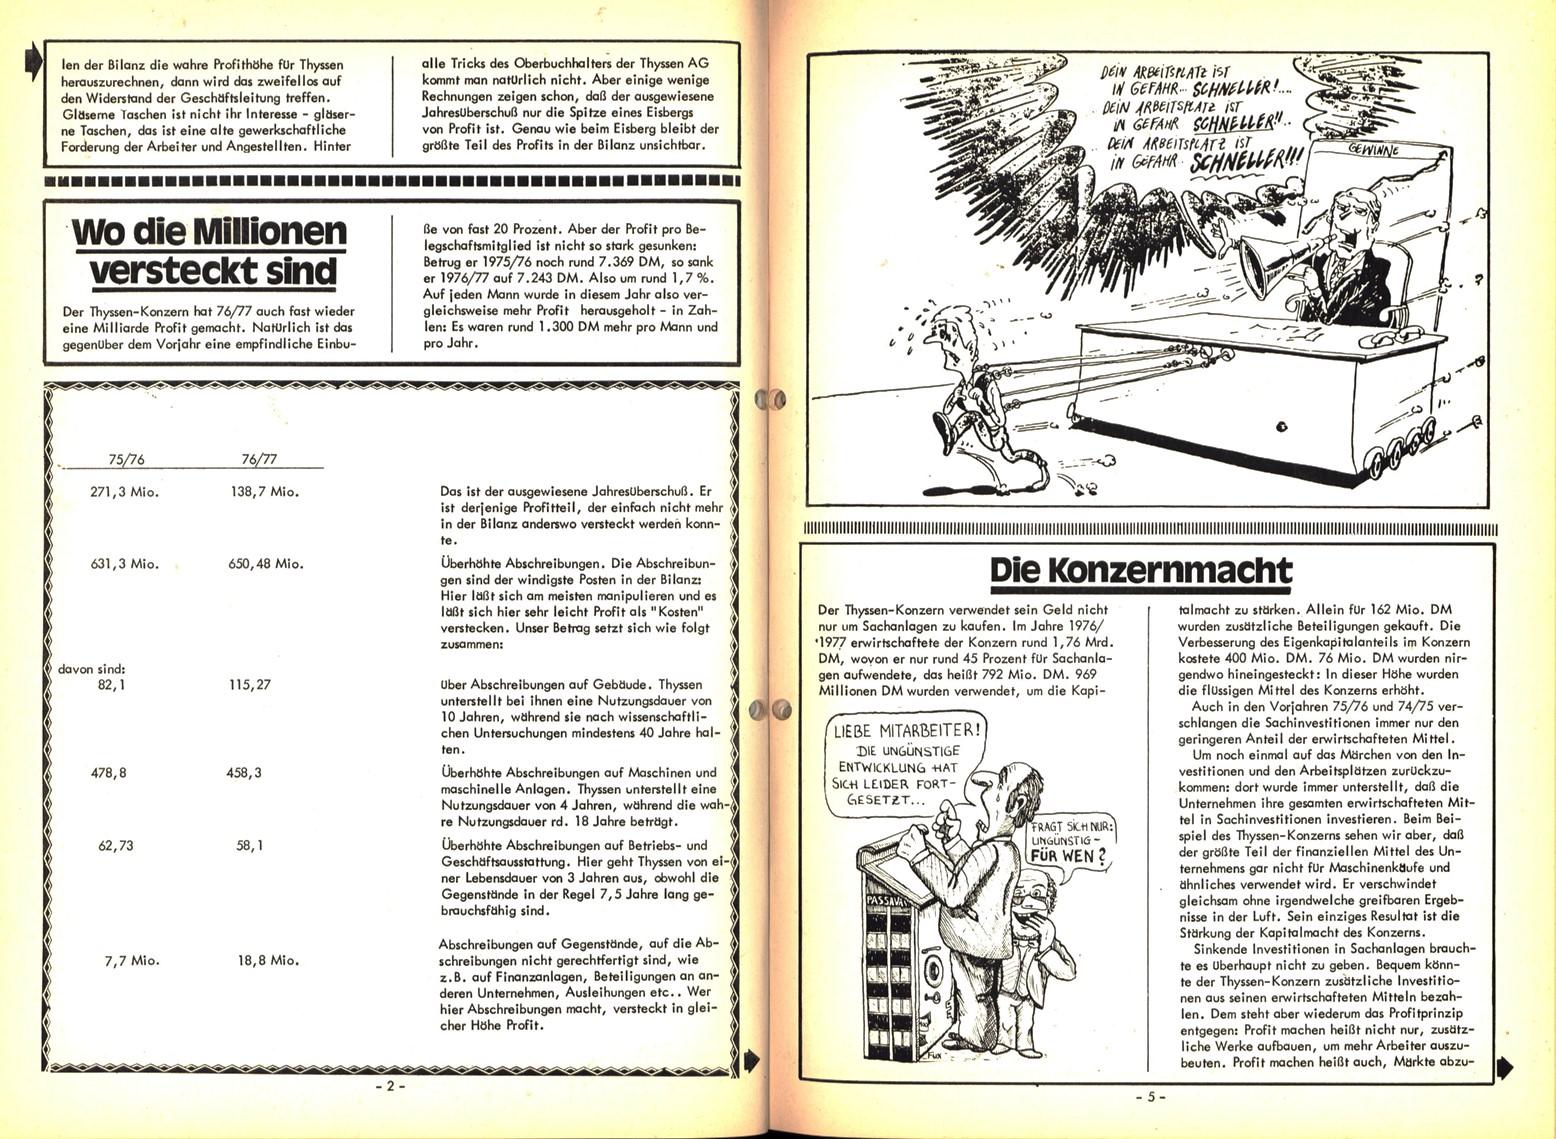 Gelsenkirchen_Gussstahlstimme_19780500_02